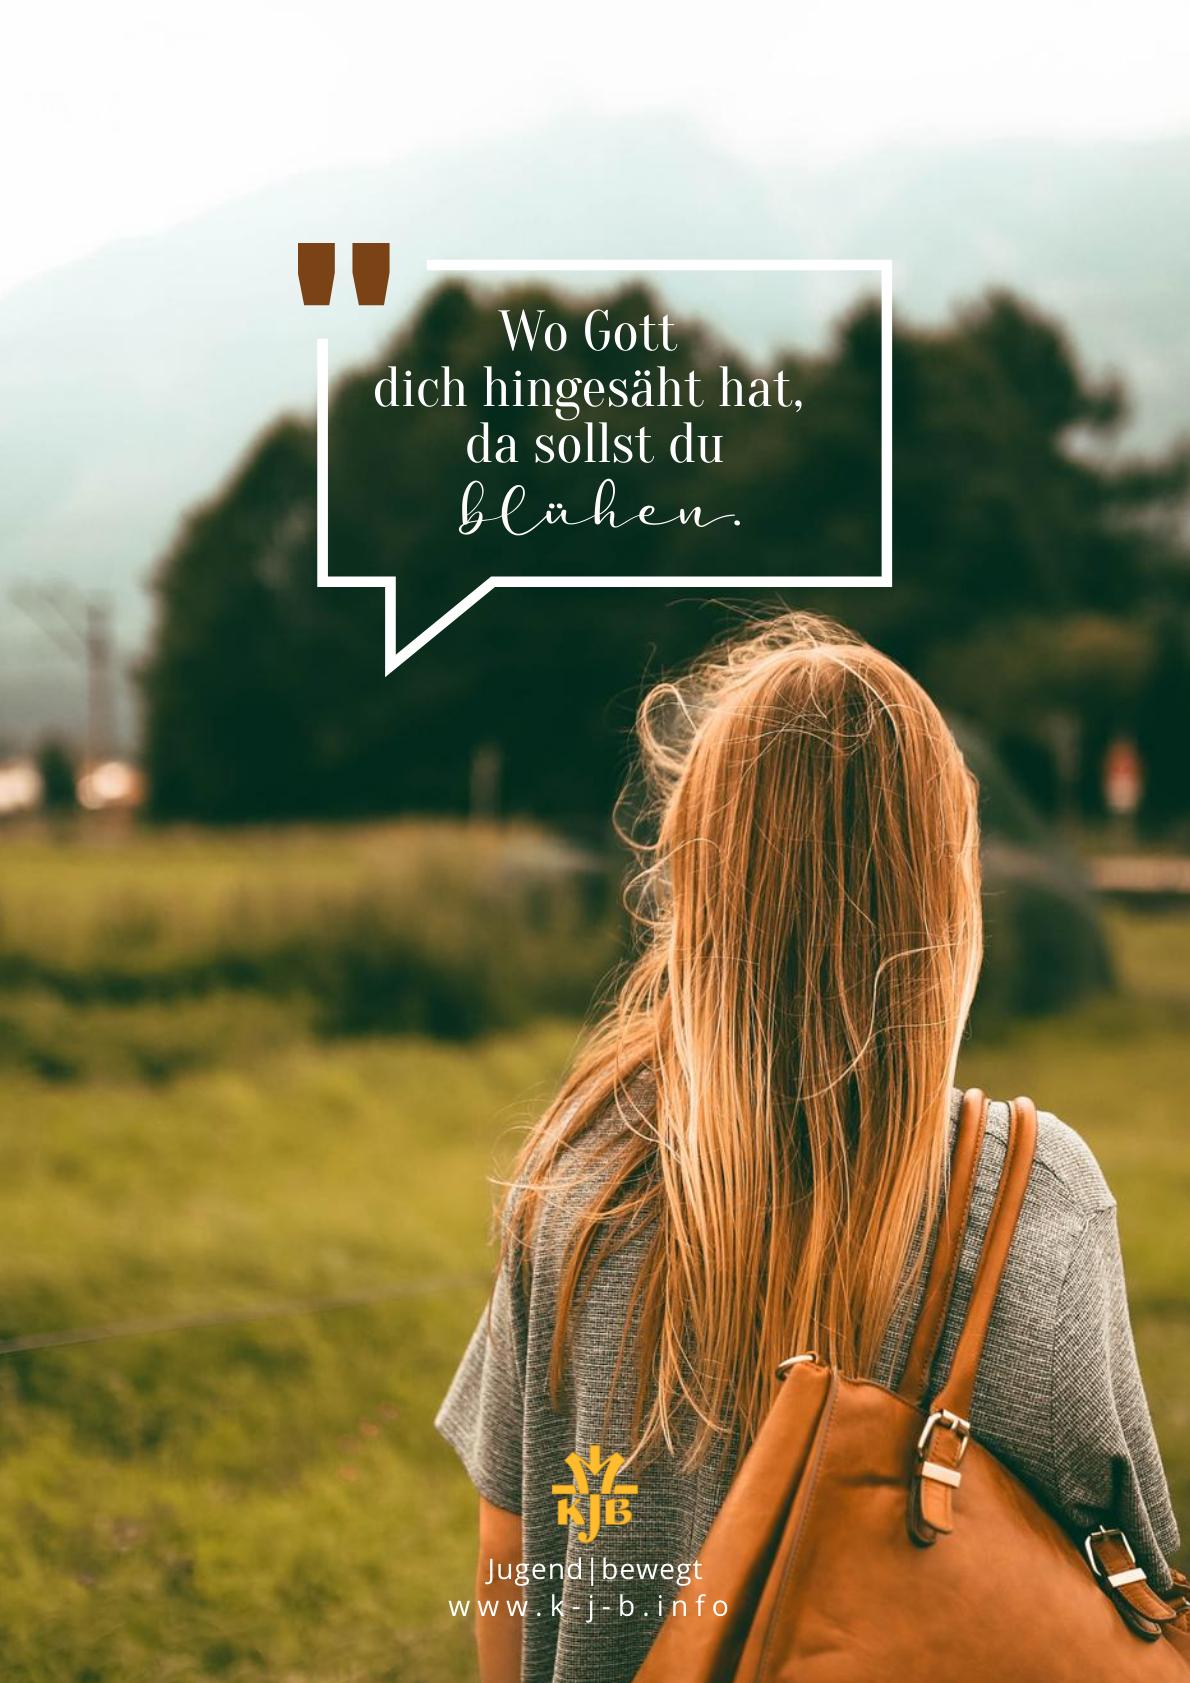 Ausdrucksstarke Bilder: Wo Gott dich hingesäht hat